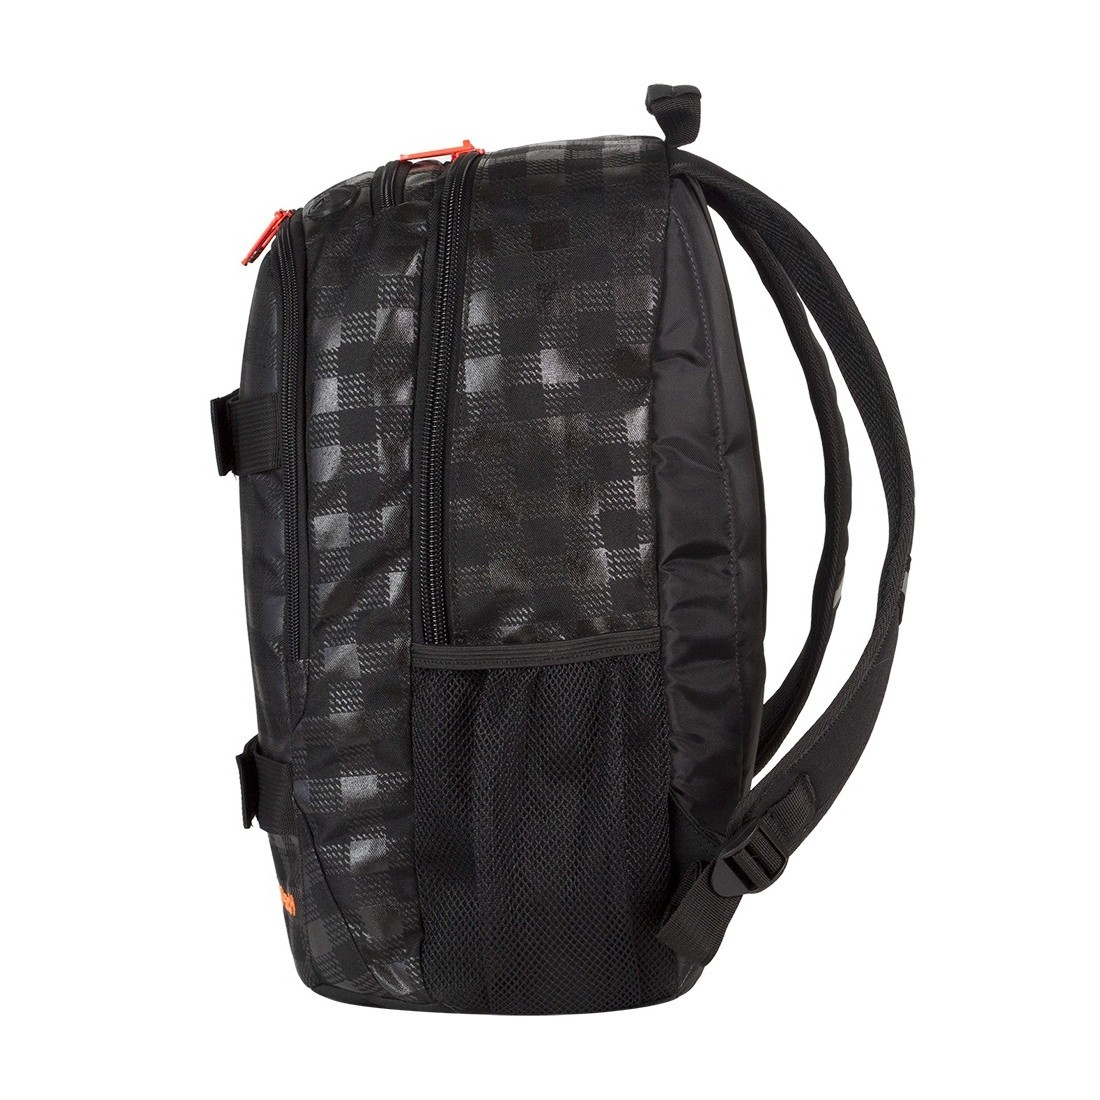 Plecak młodzieżowy CoolPack ACTION 2 przegrody BLACK & ORANGE CP 423 - plecak-tornister.pl